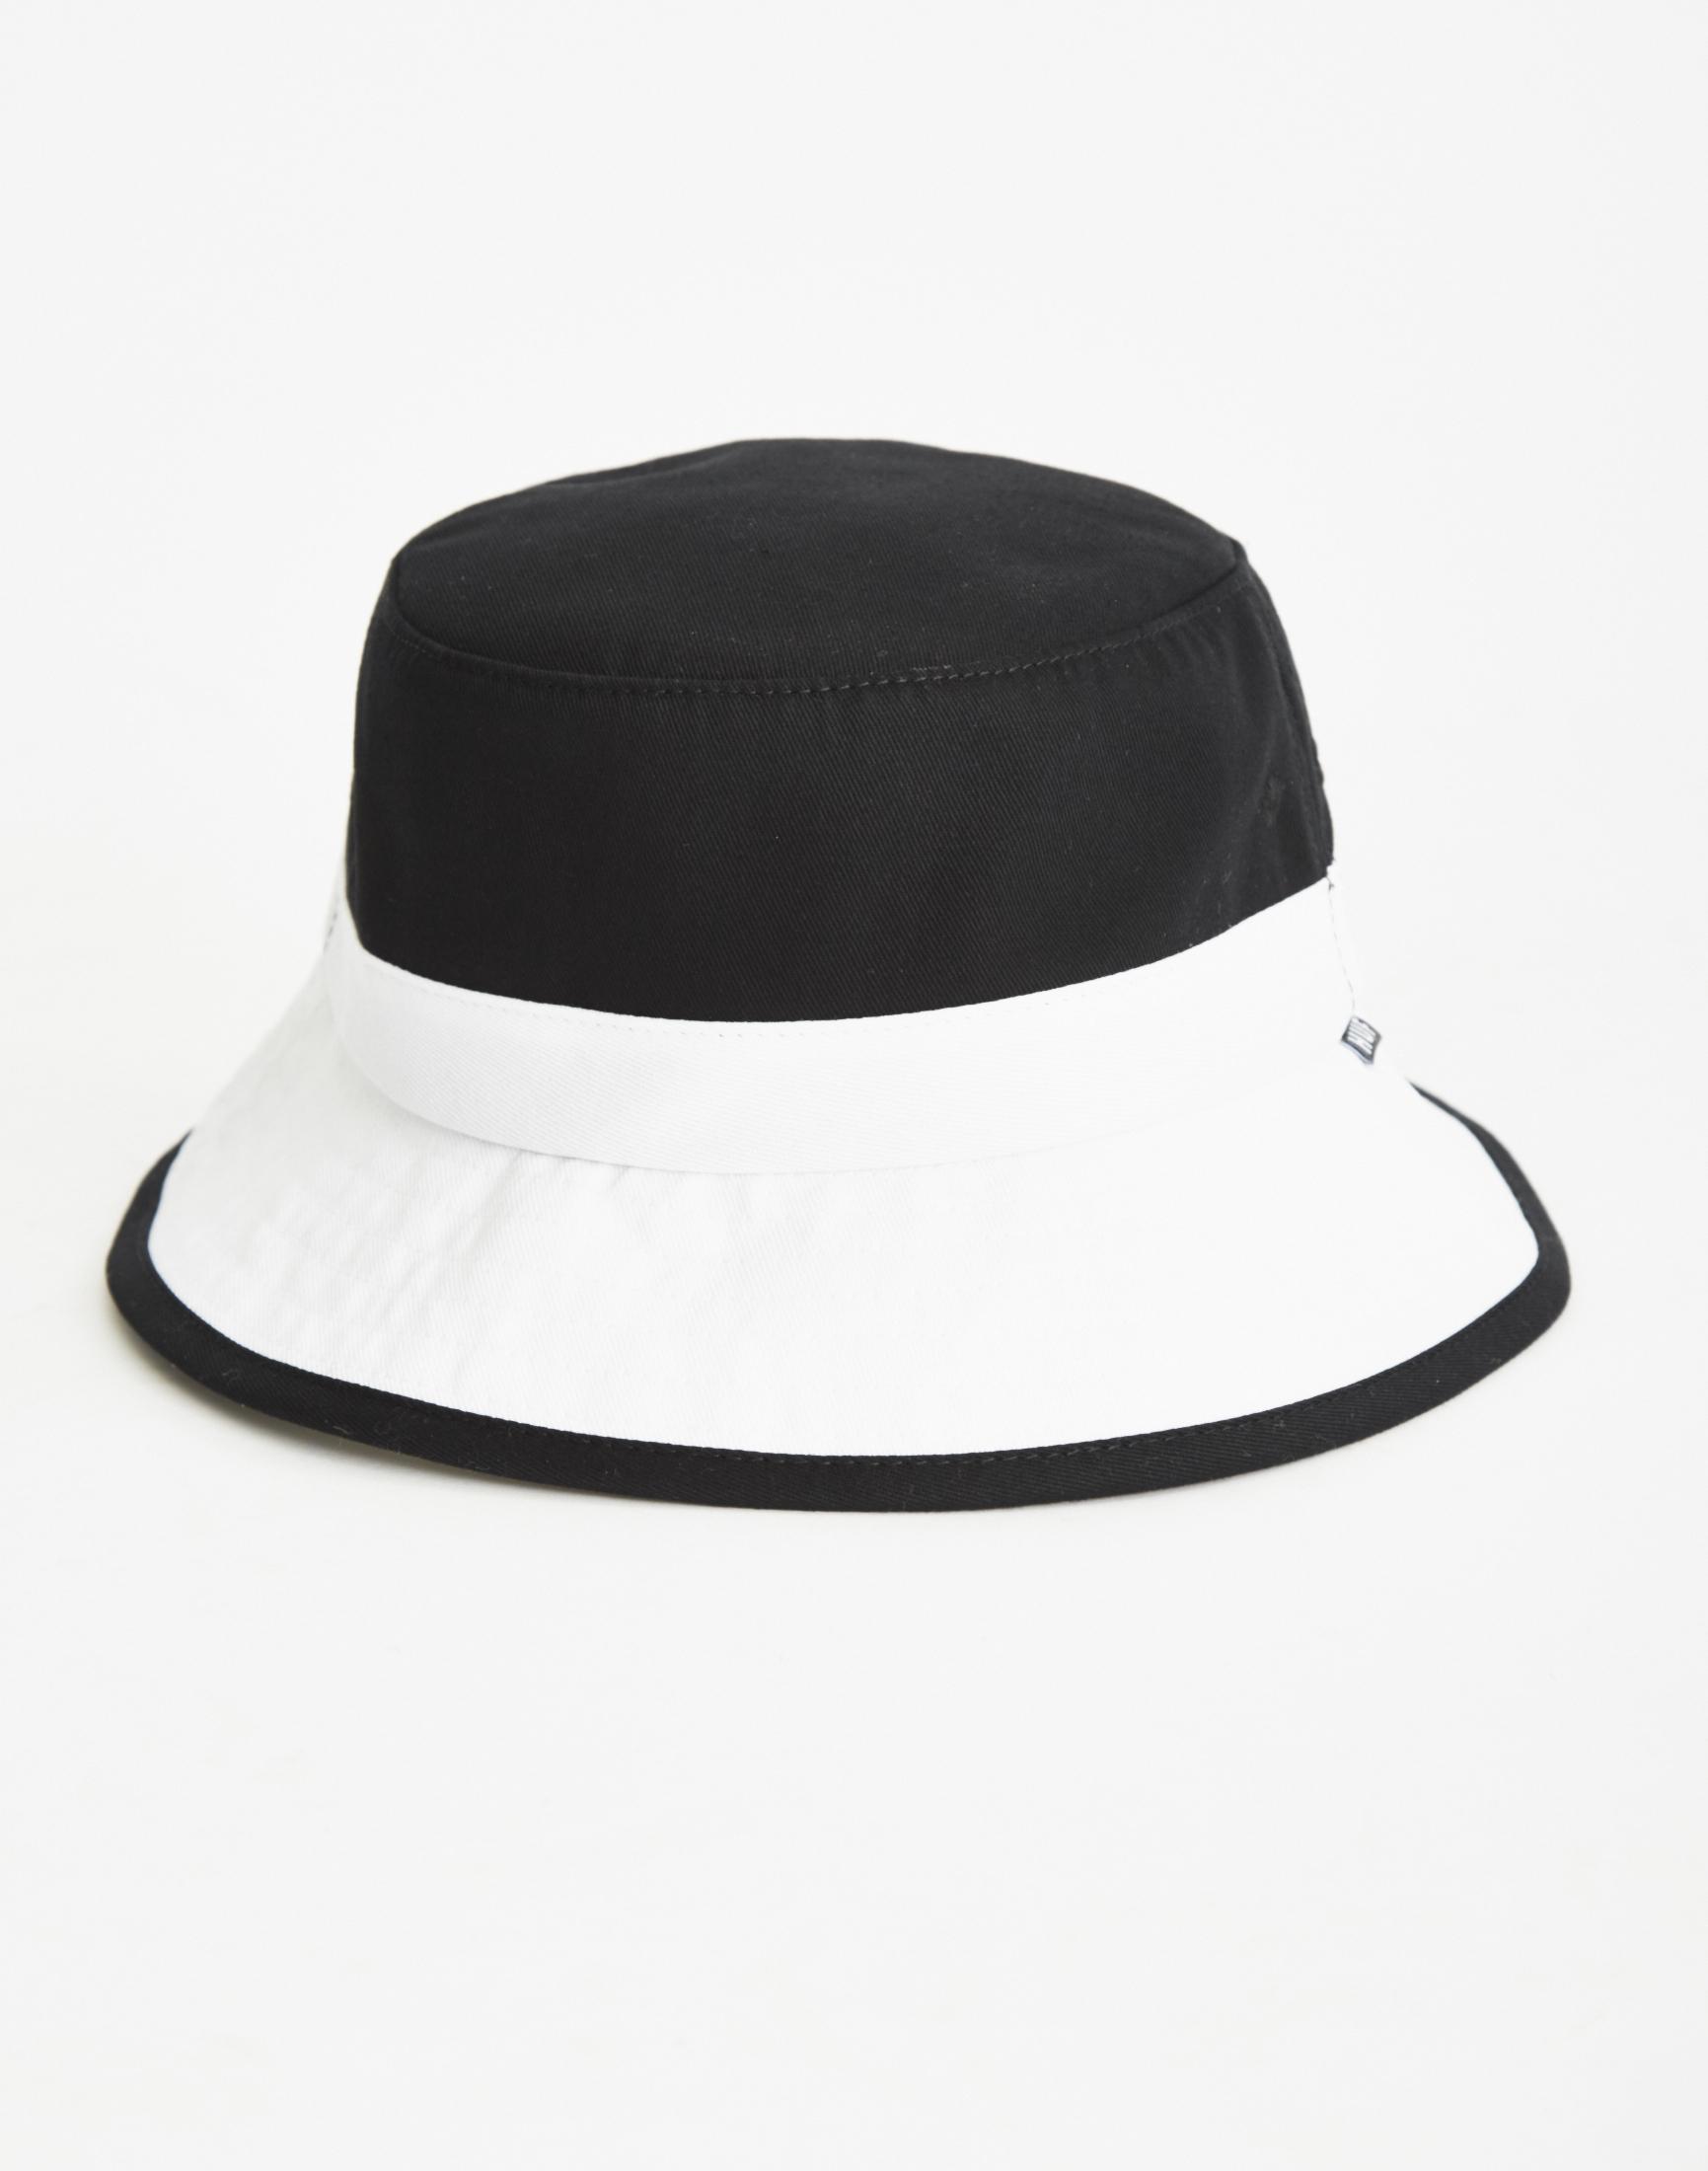 821cc88f696 ... sale huf colourblock bucket hat black white for men lyst 8fc5e d0e3c